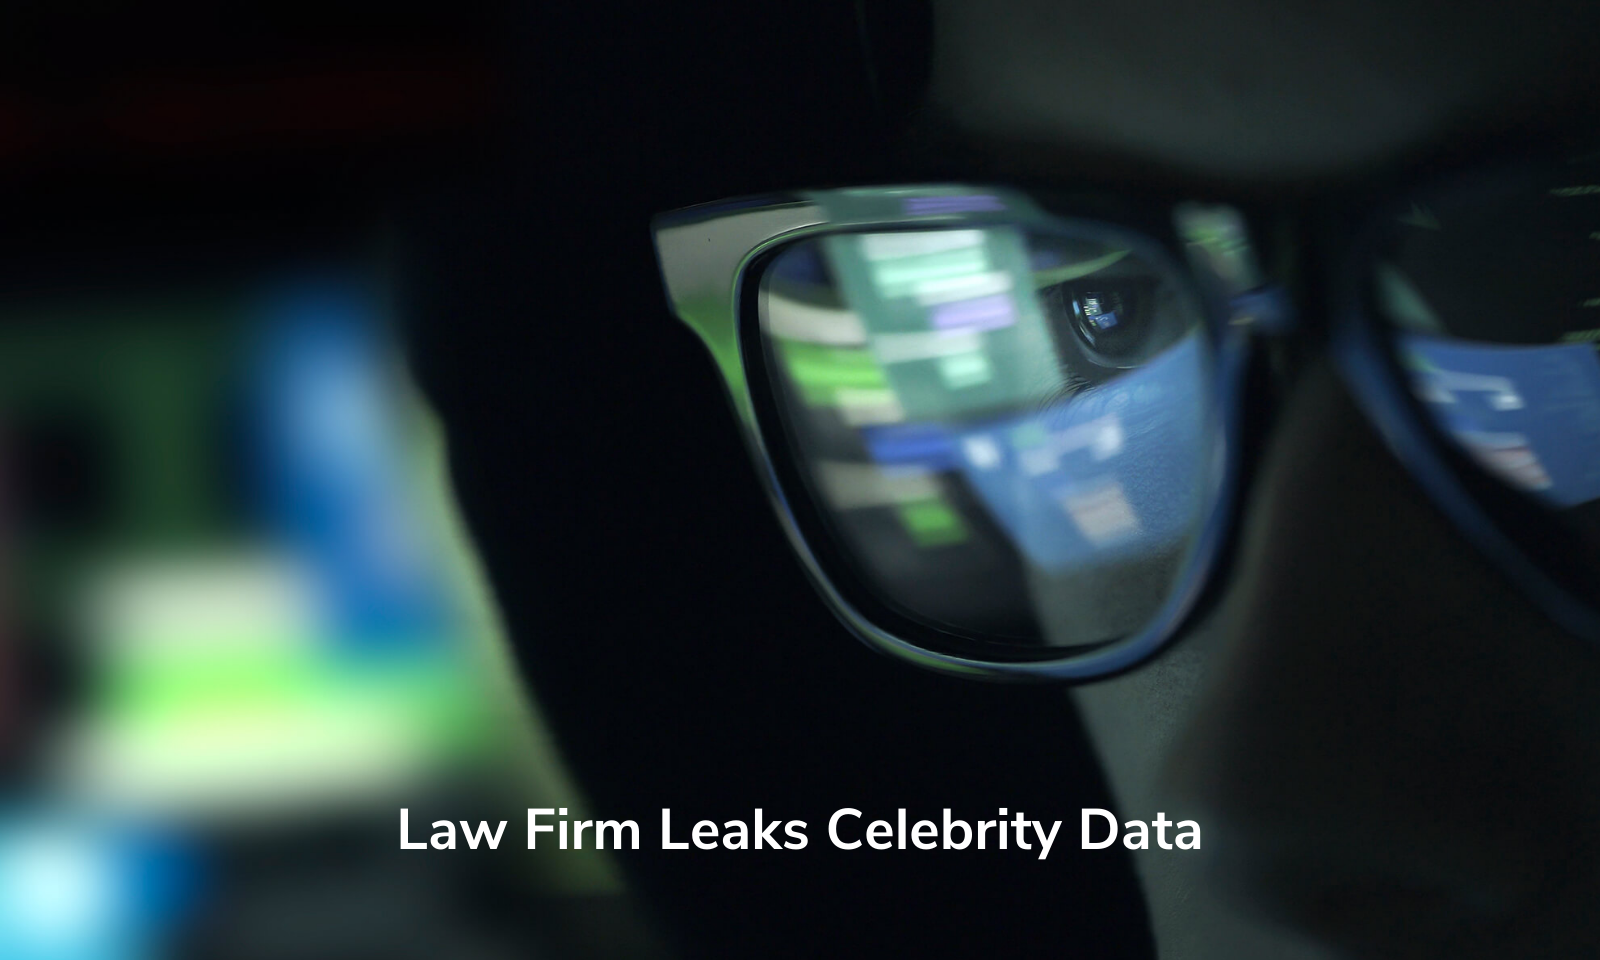 Escritório de advocacia vaza dados de celebridades